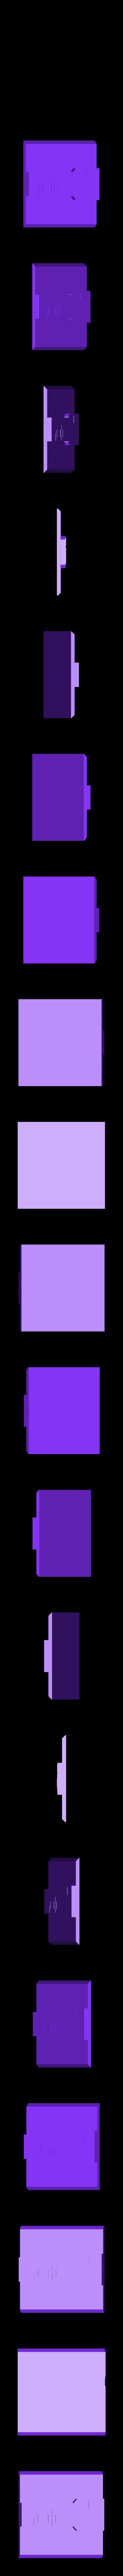 sml_rm_end1b.stl Télécharger fichier STL gratuit Ripper's London - Les égouts • Design pour imprimante 3D, Earsling